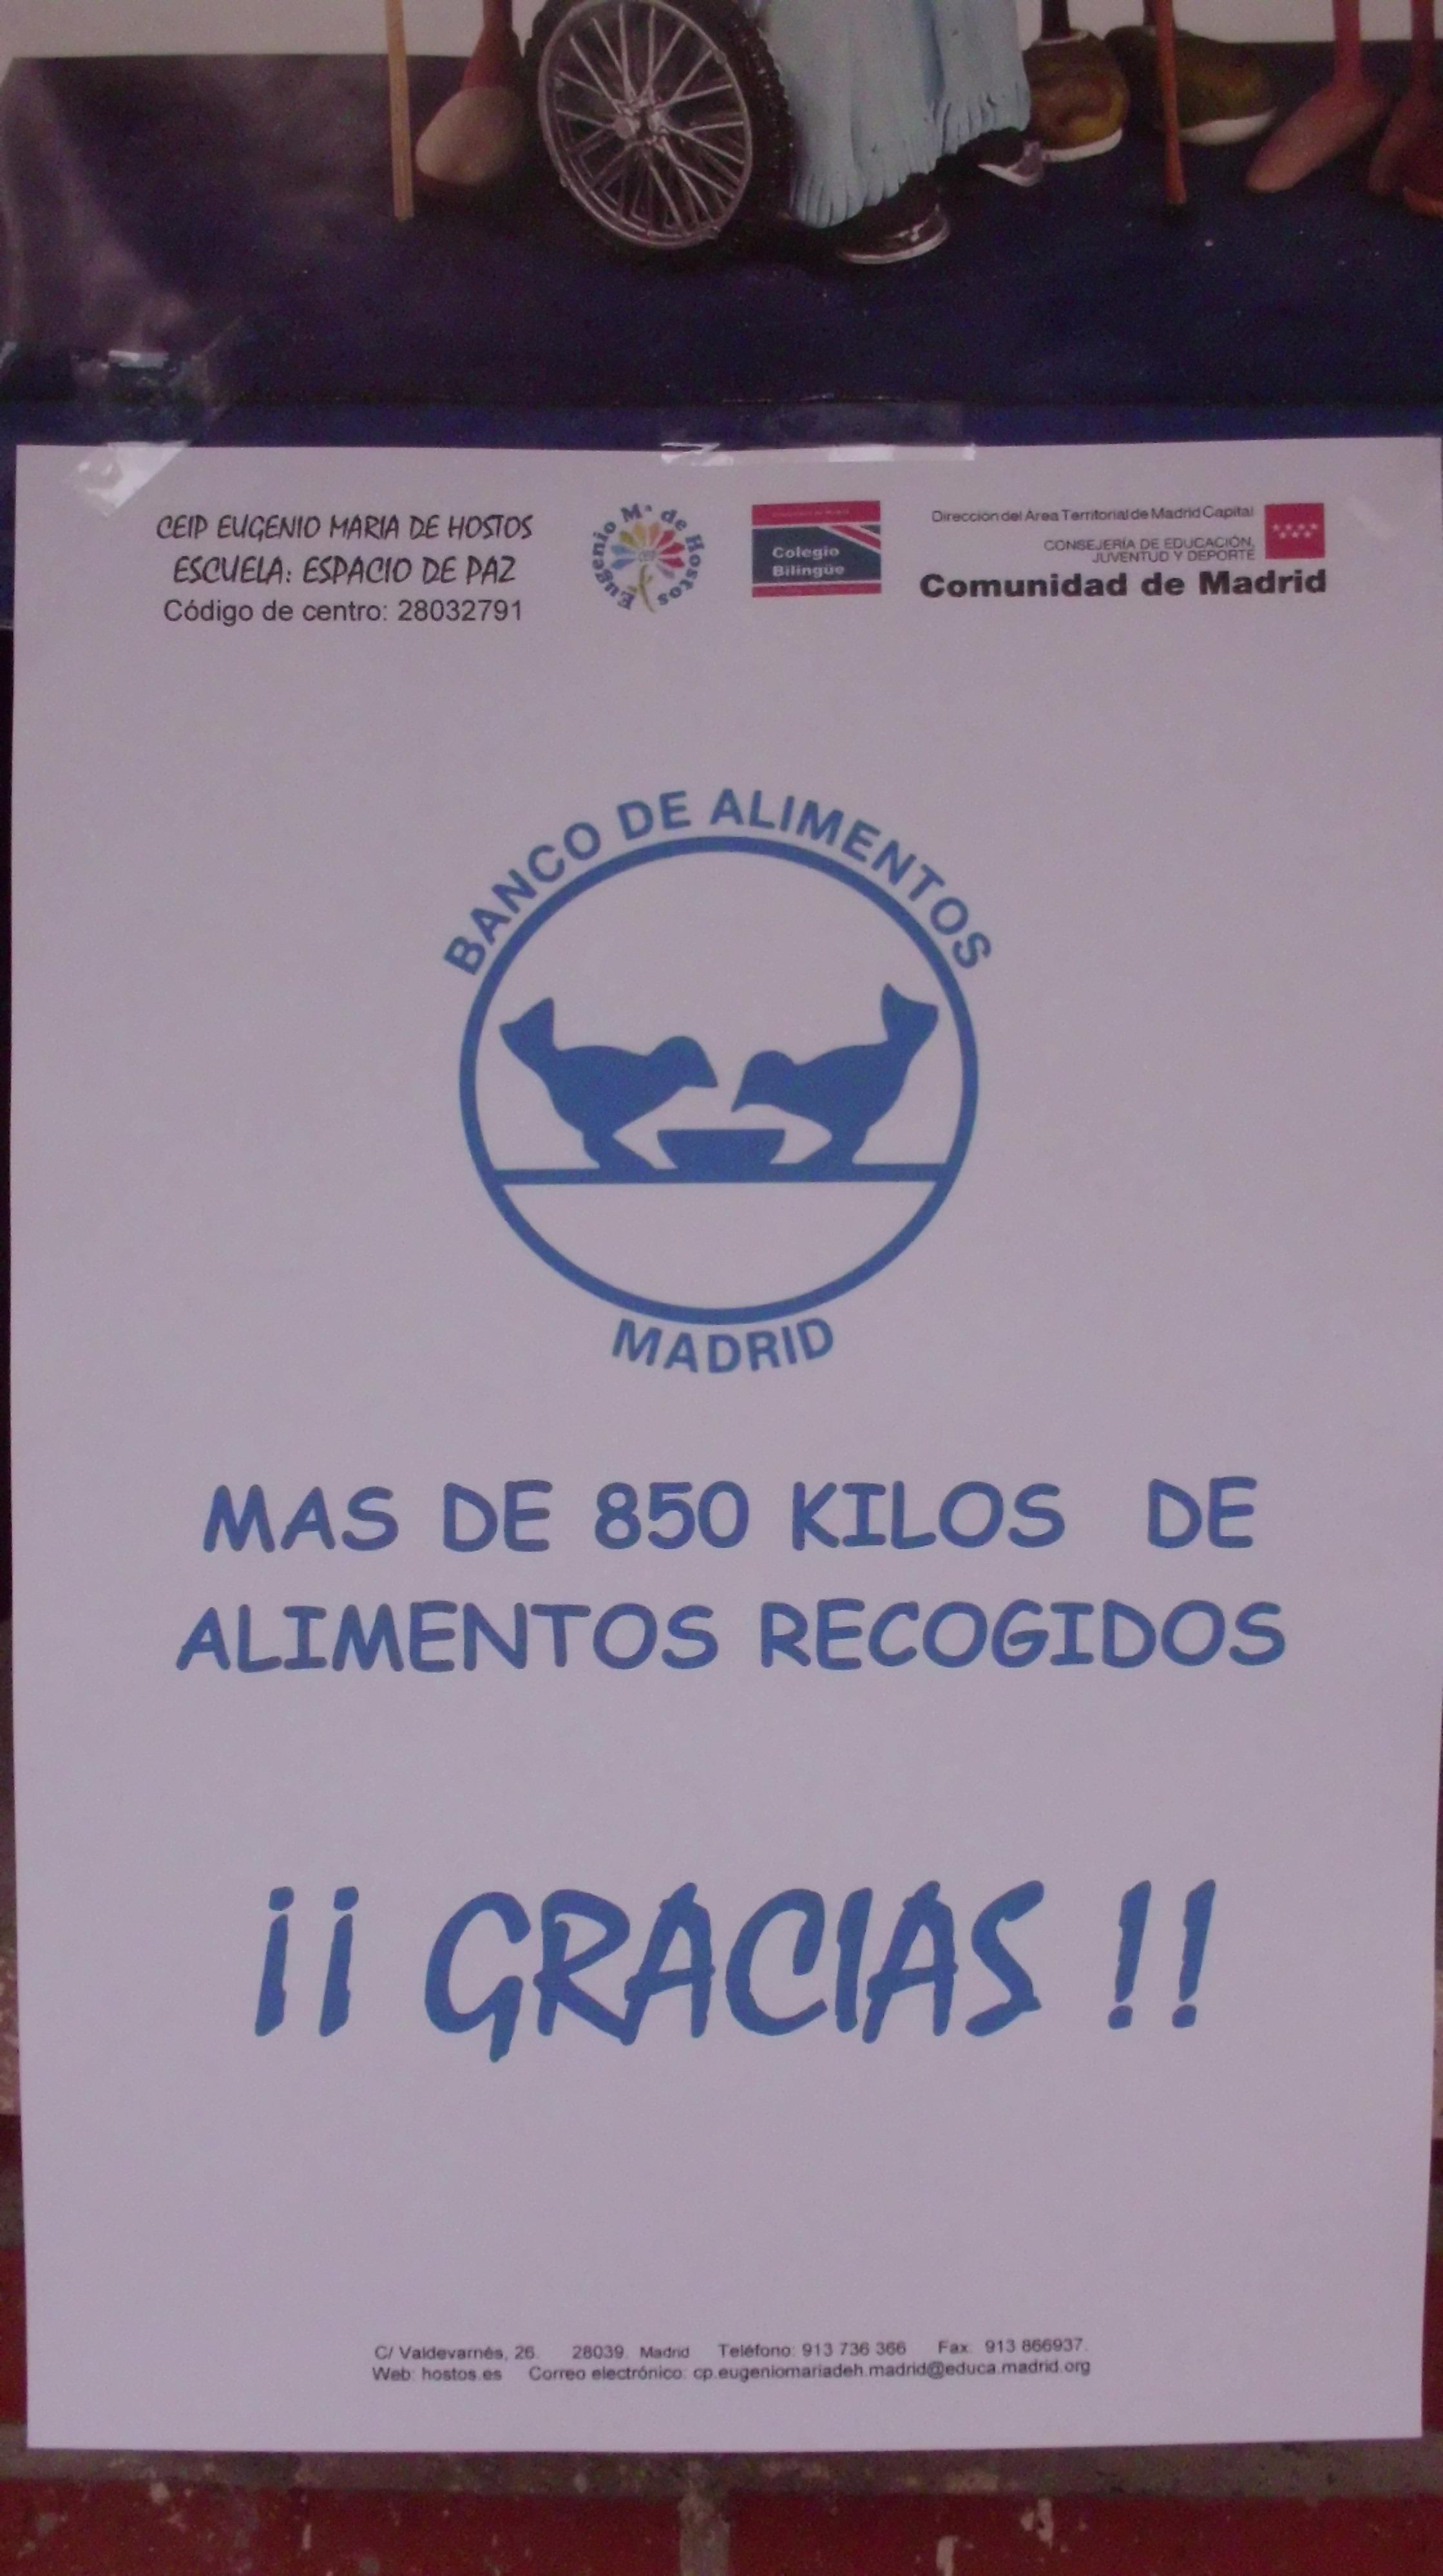 GRAN RECOGIDA DE ALIMENTOS 2